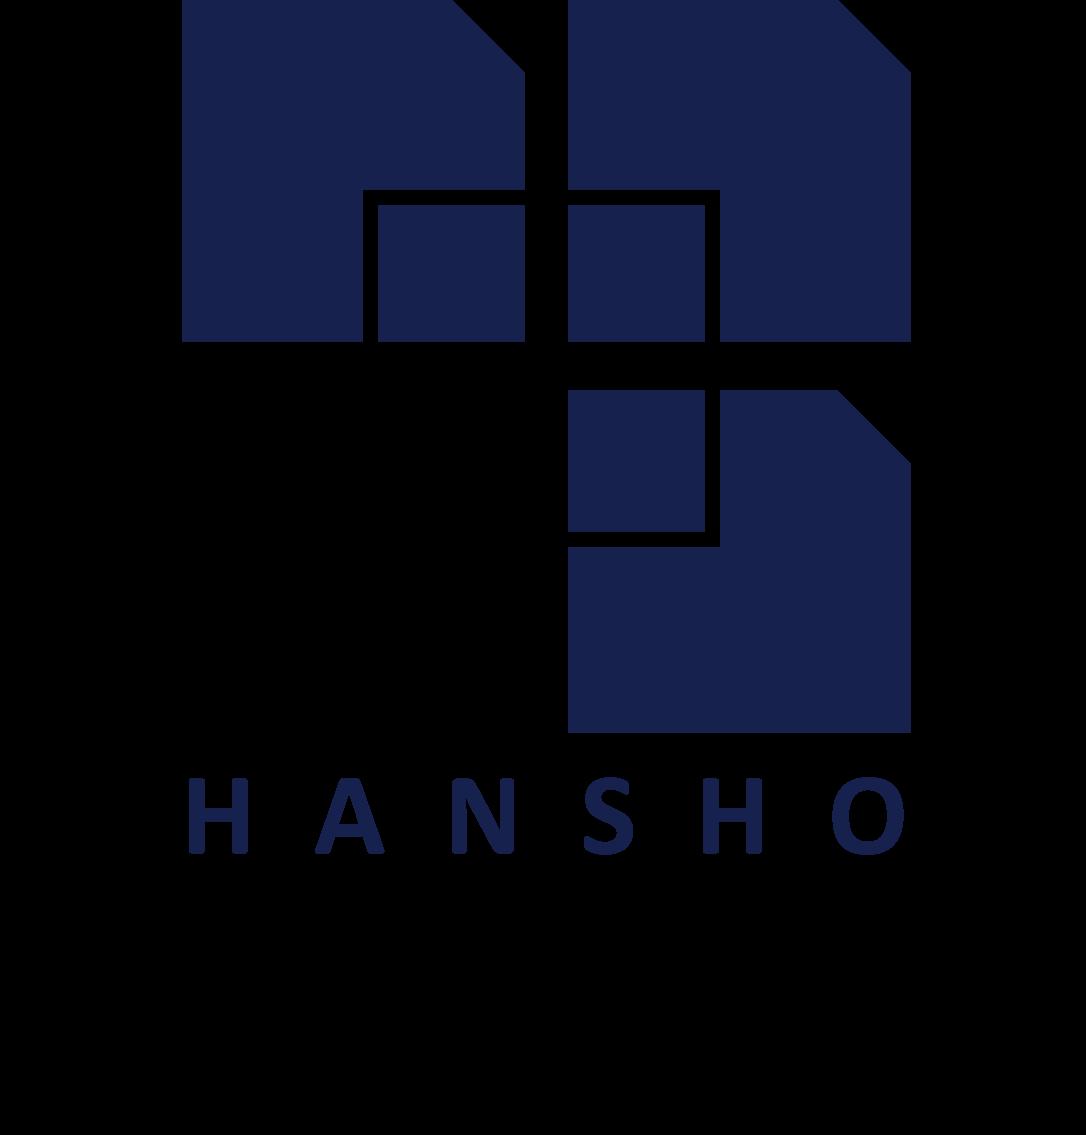 建築/建設/設備/設計/造園と堅め/堅実と紺のロゴ